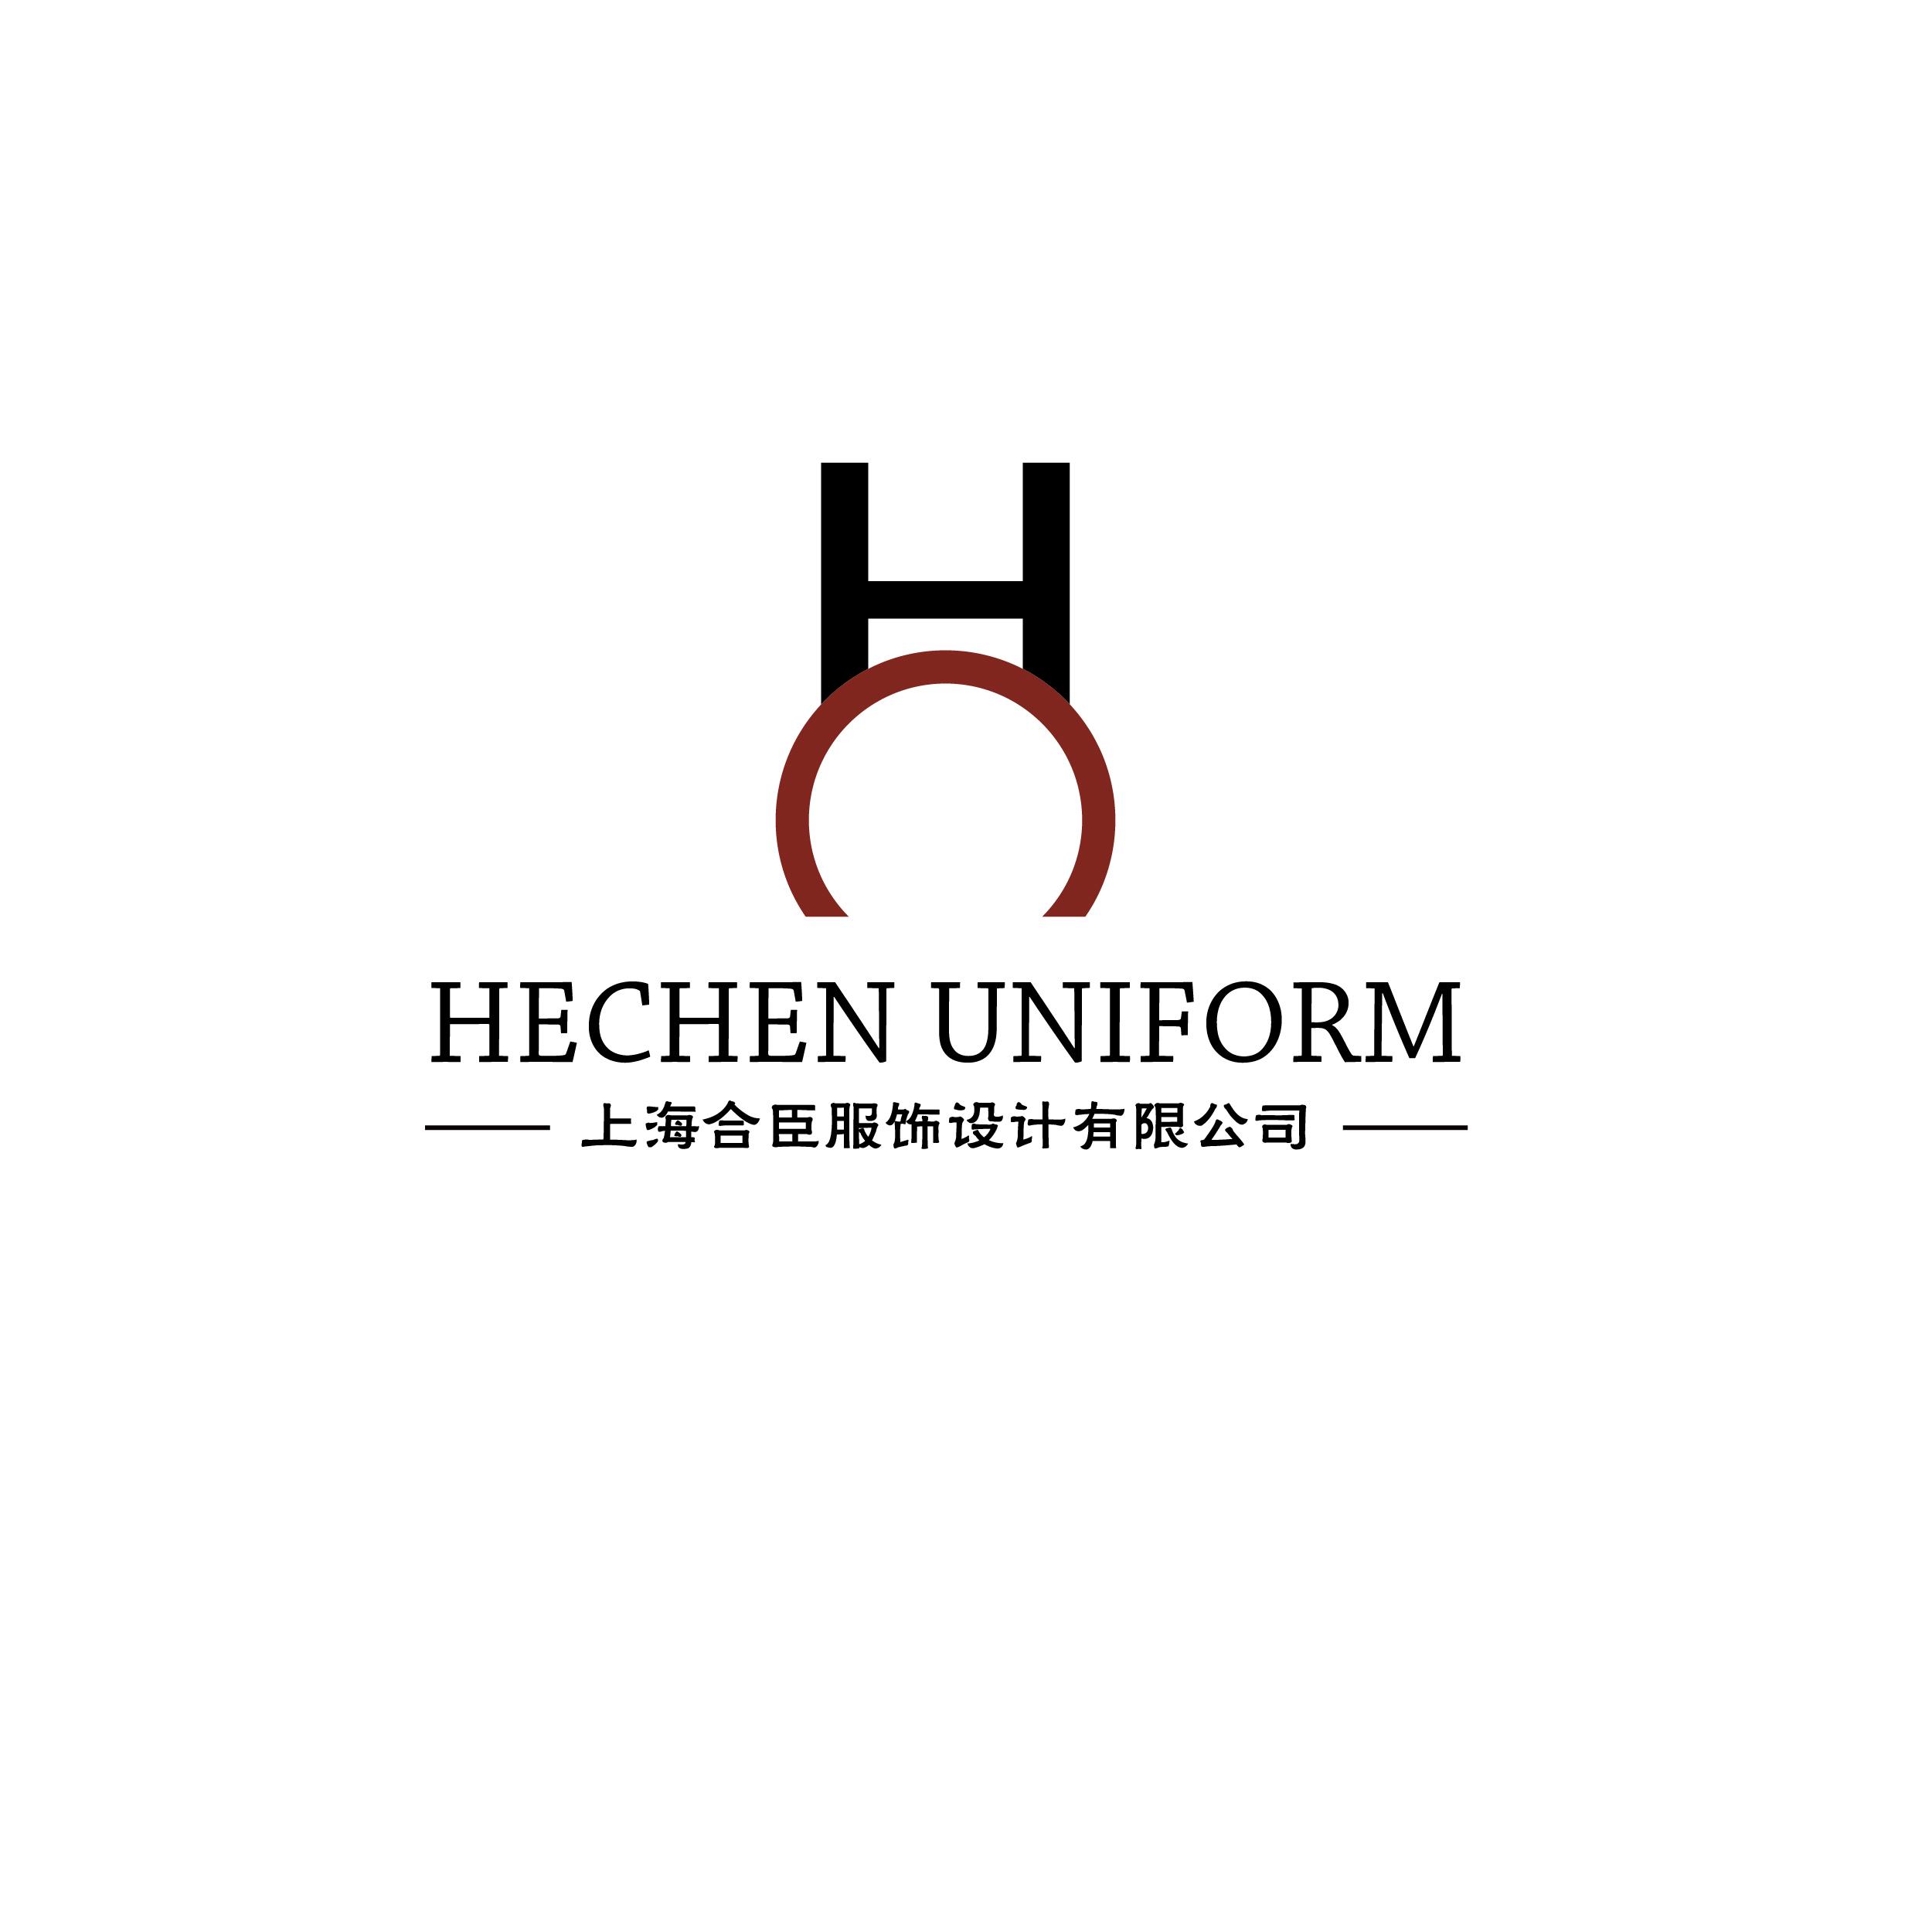 服装设计公司 logo设计- 稿件[#2790982]